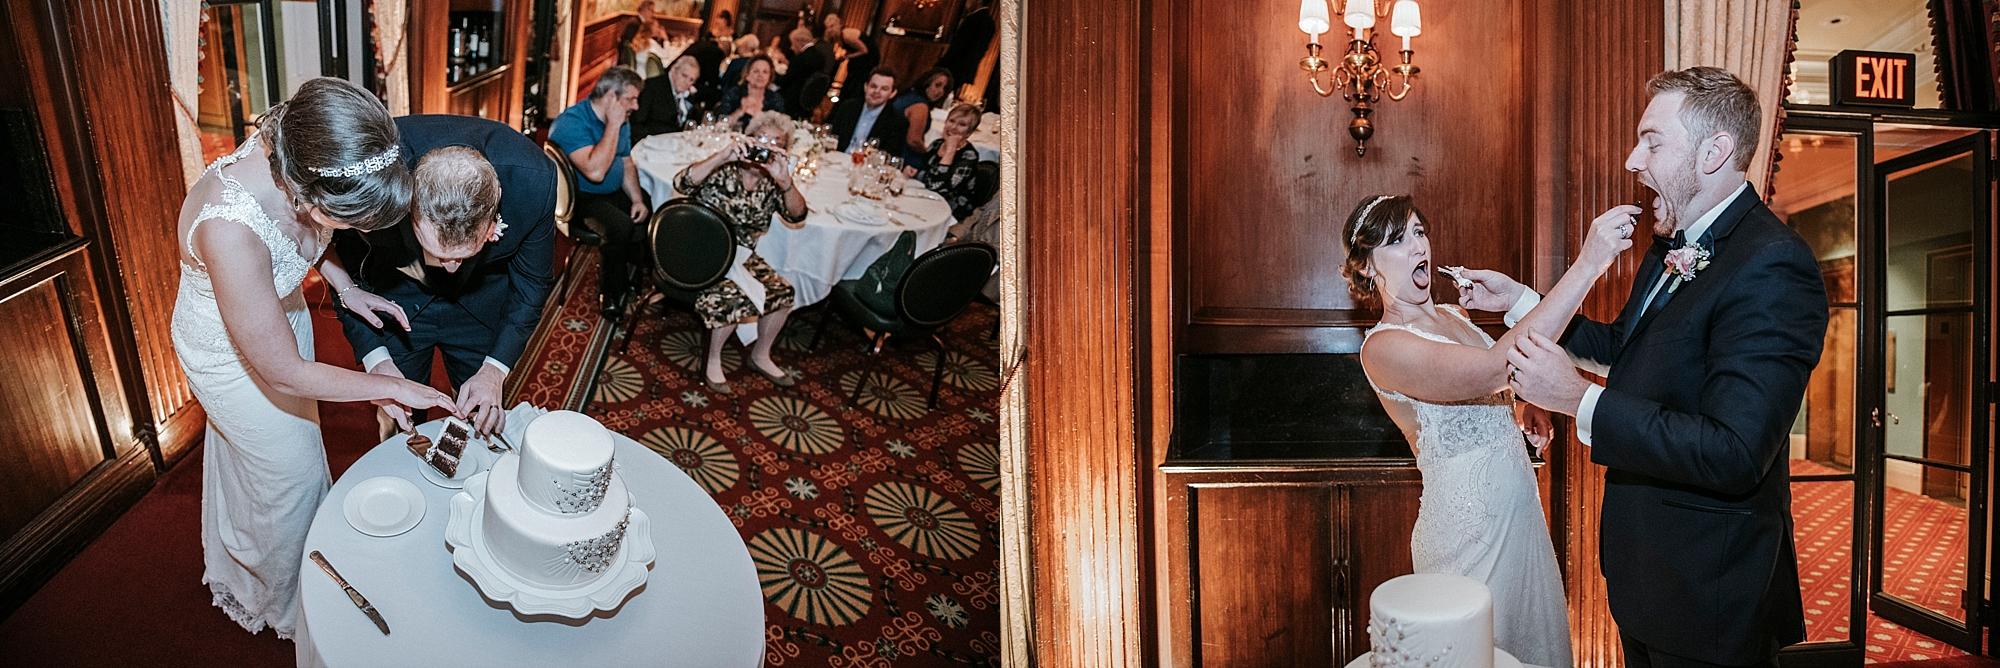 Duquesne-club-wedding-Pittsburgh_0053.jpg